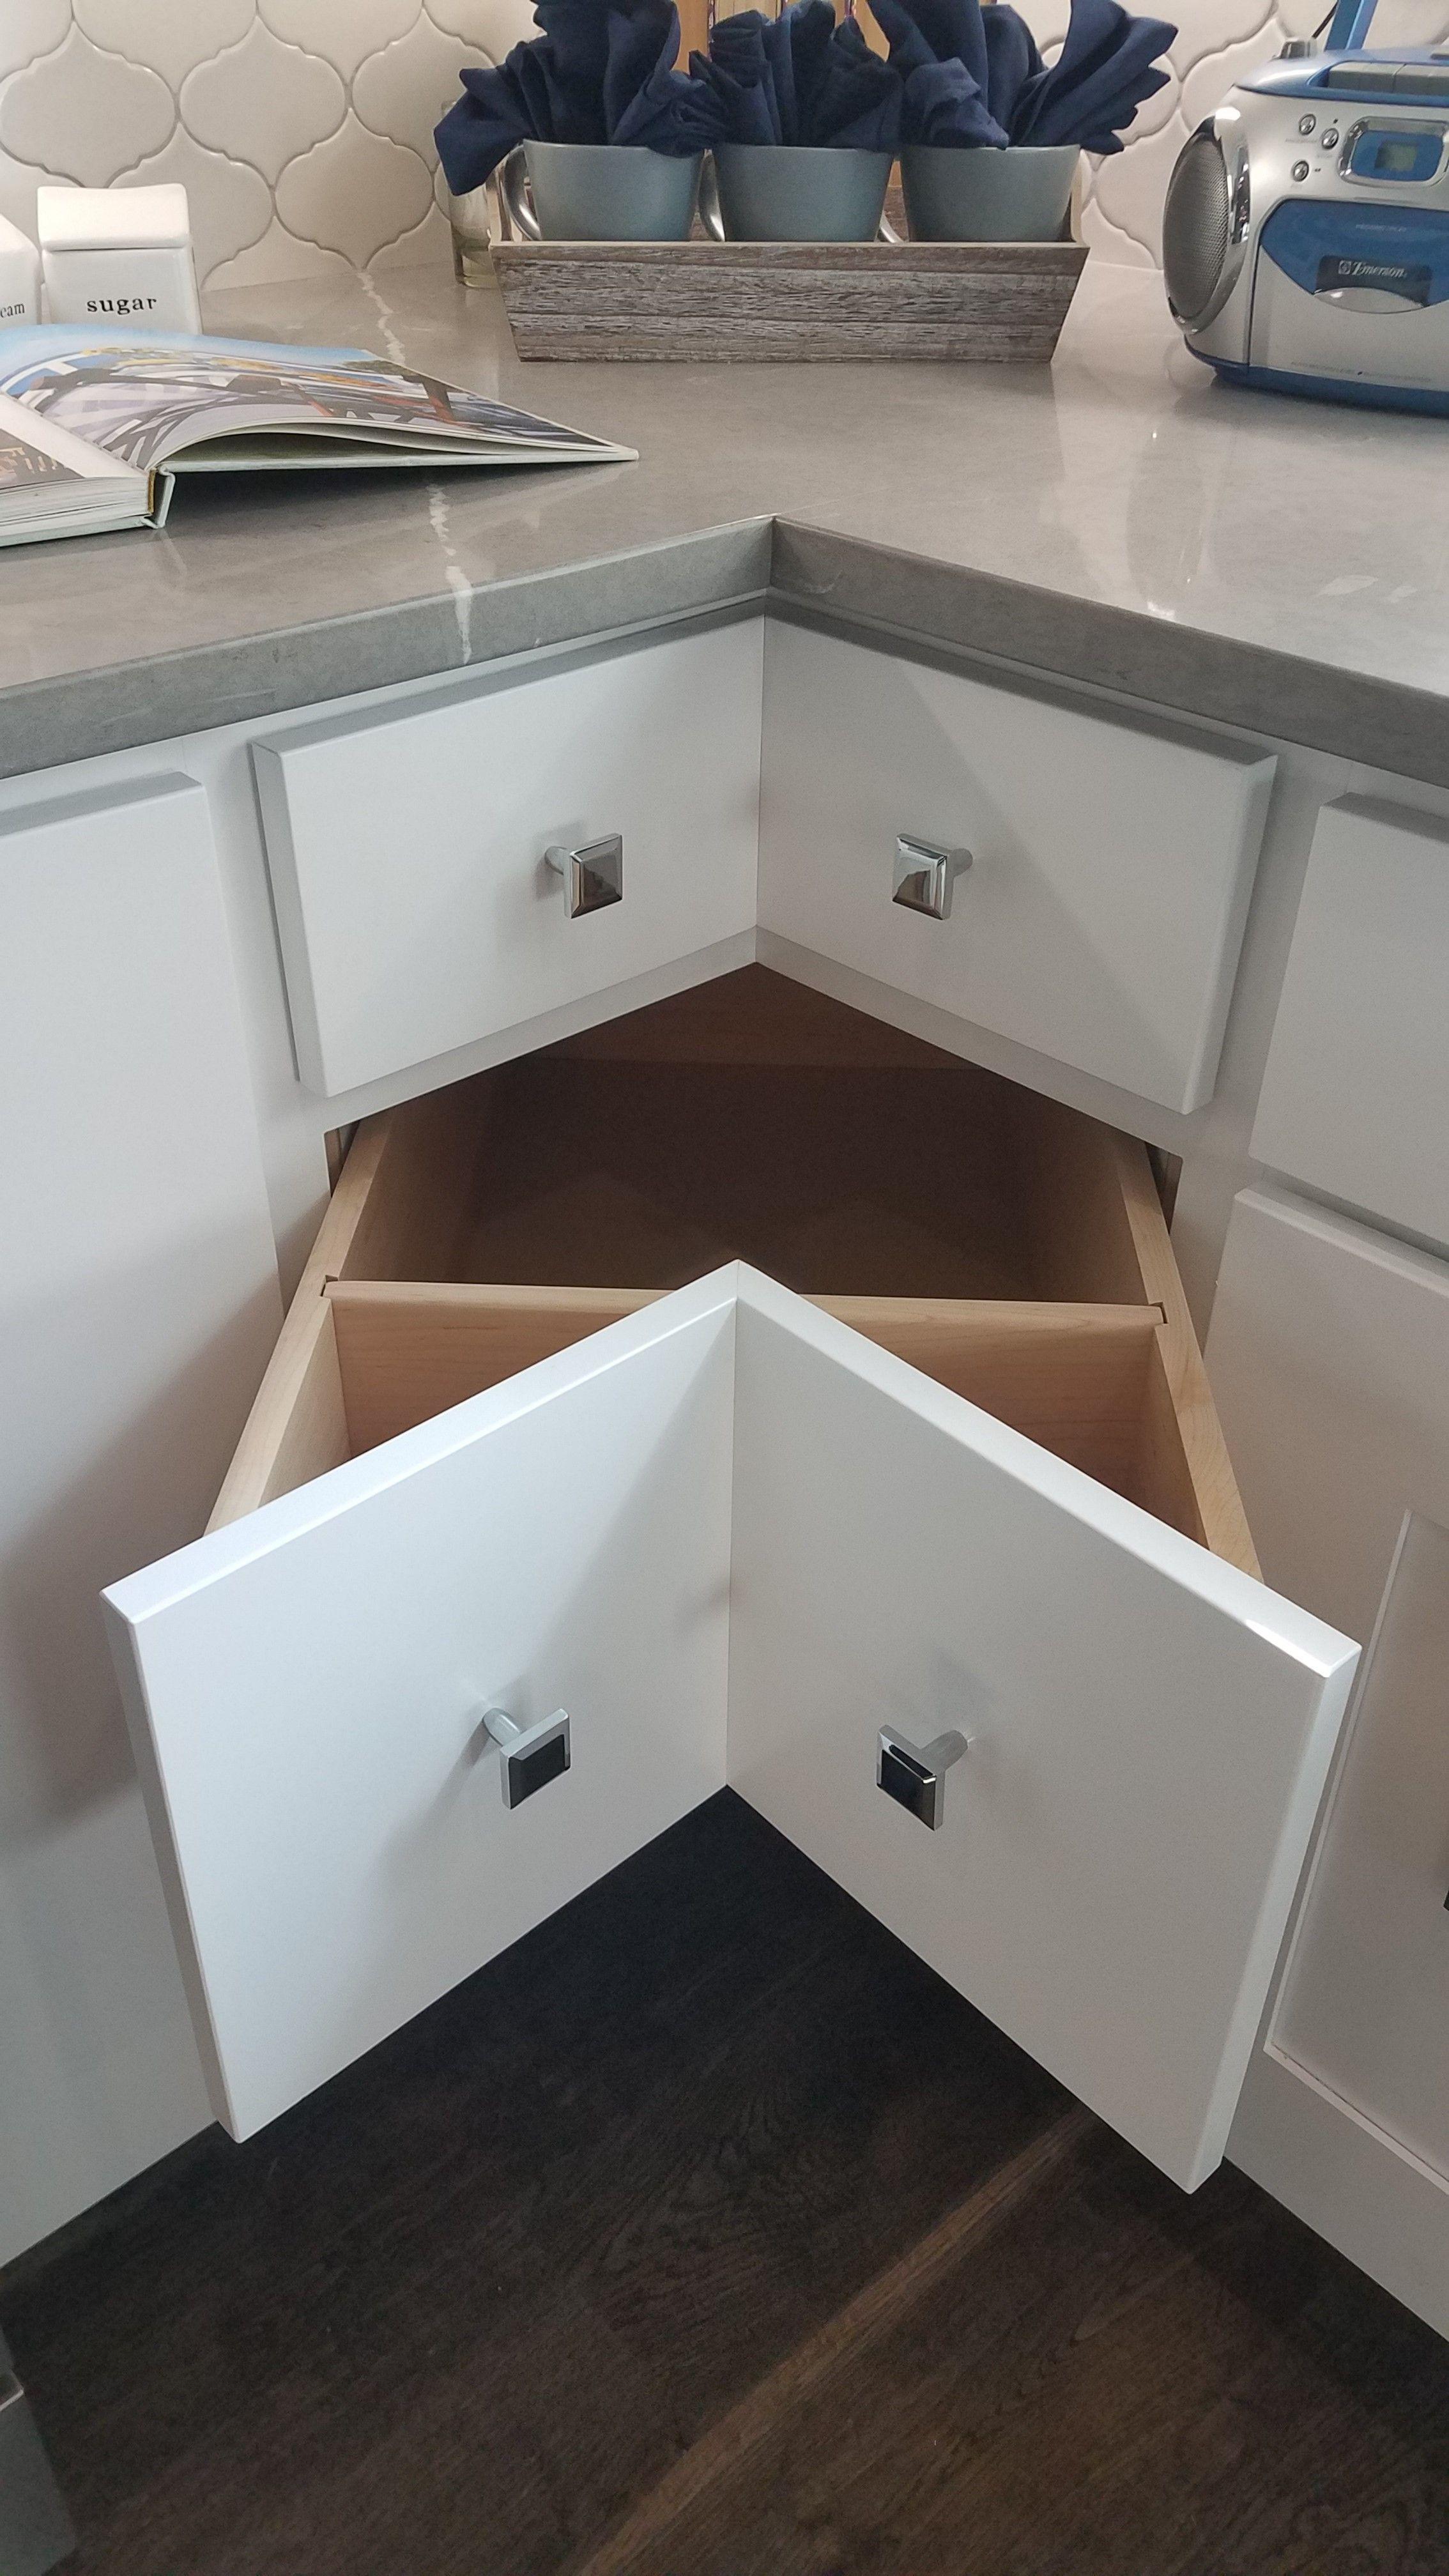 corner cabinet in lieu of a lazy susan kitchen organization kitchen storage bakery kitchen on kitchen organization lazy susan cabinet id=93933